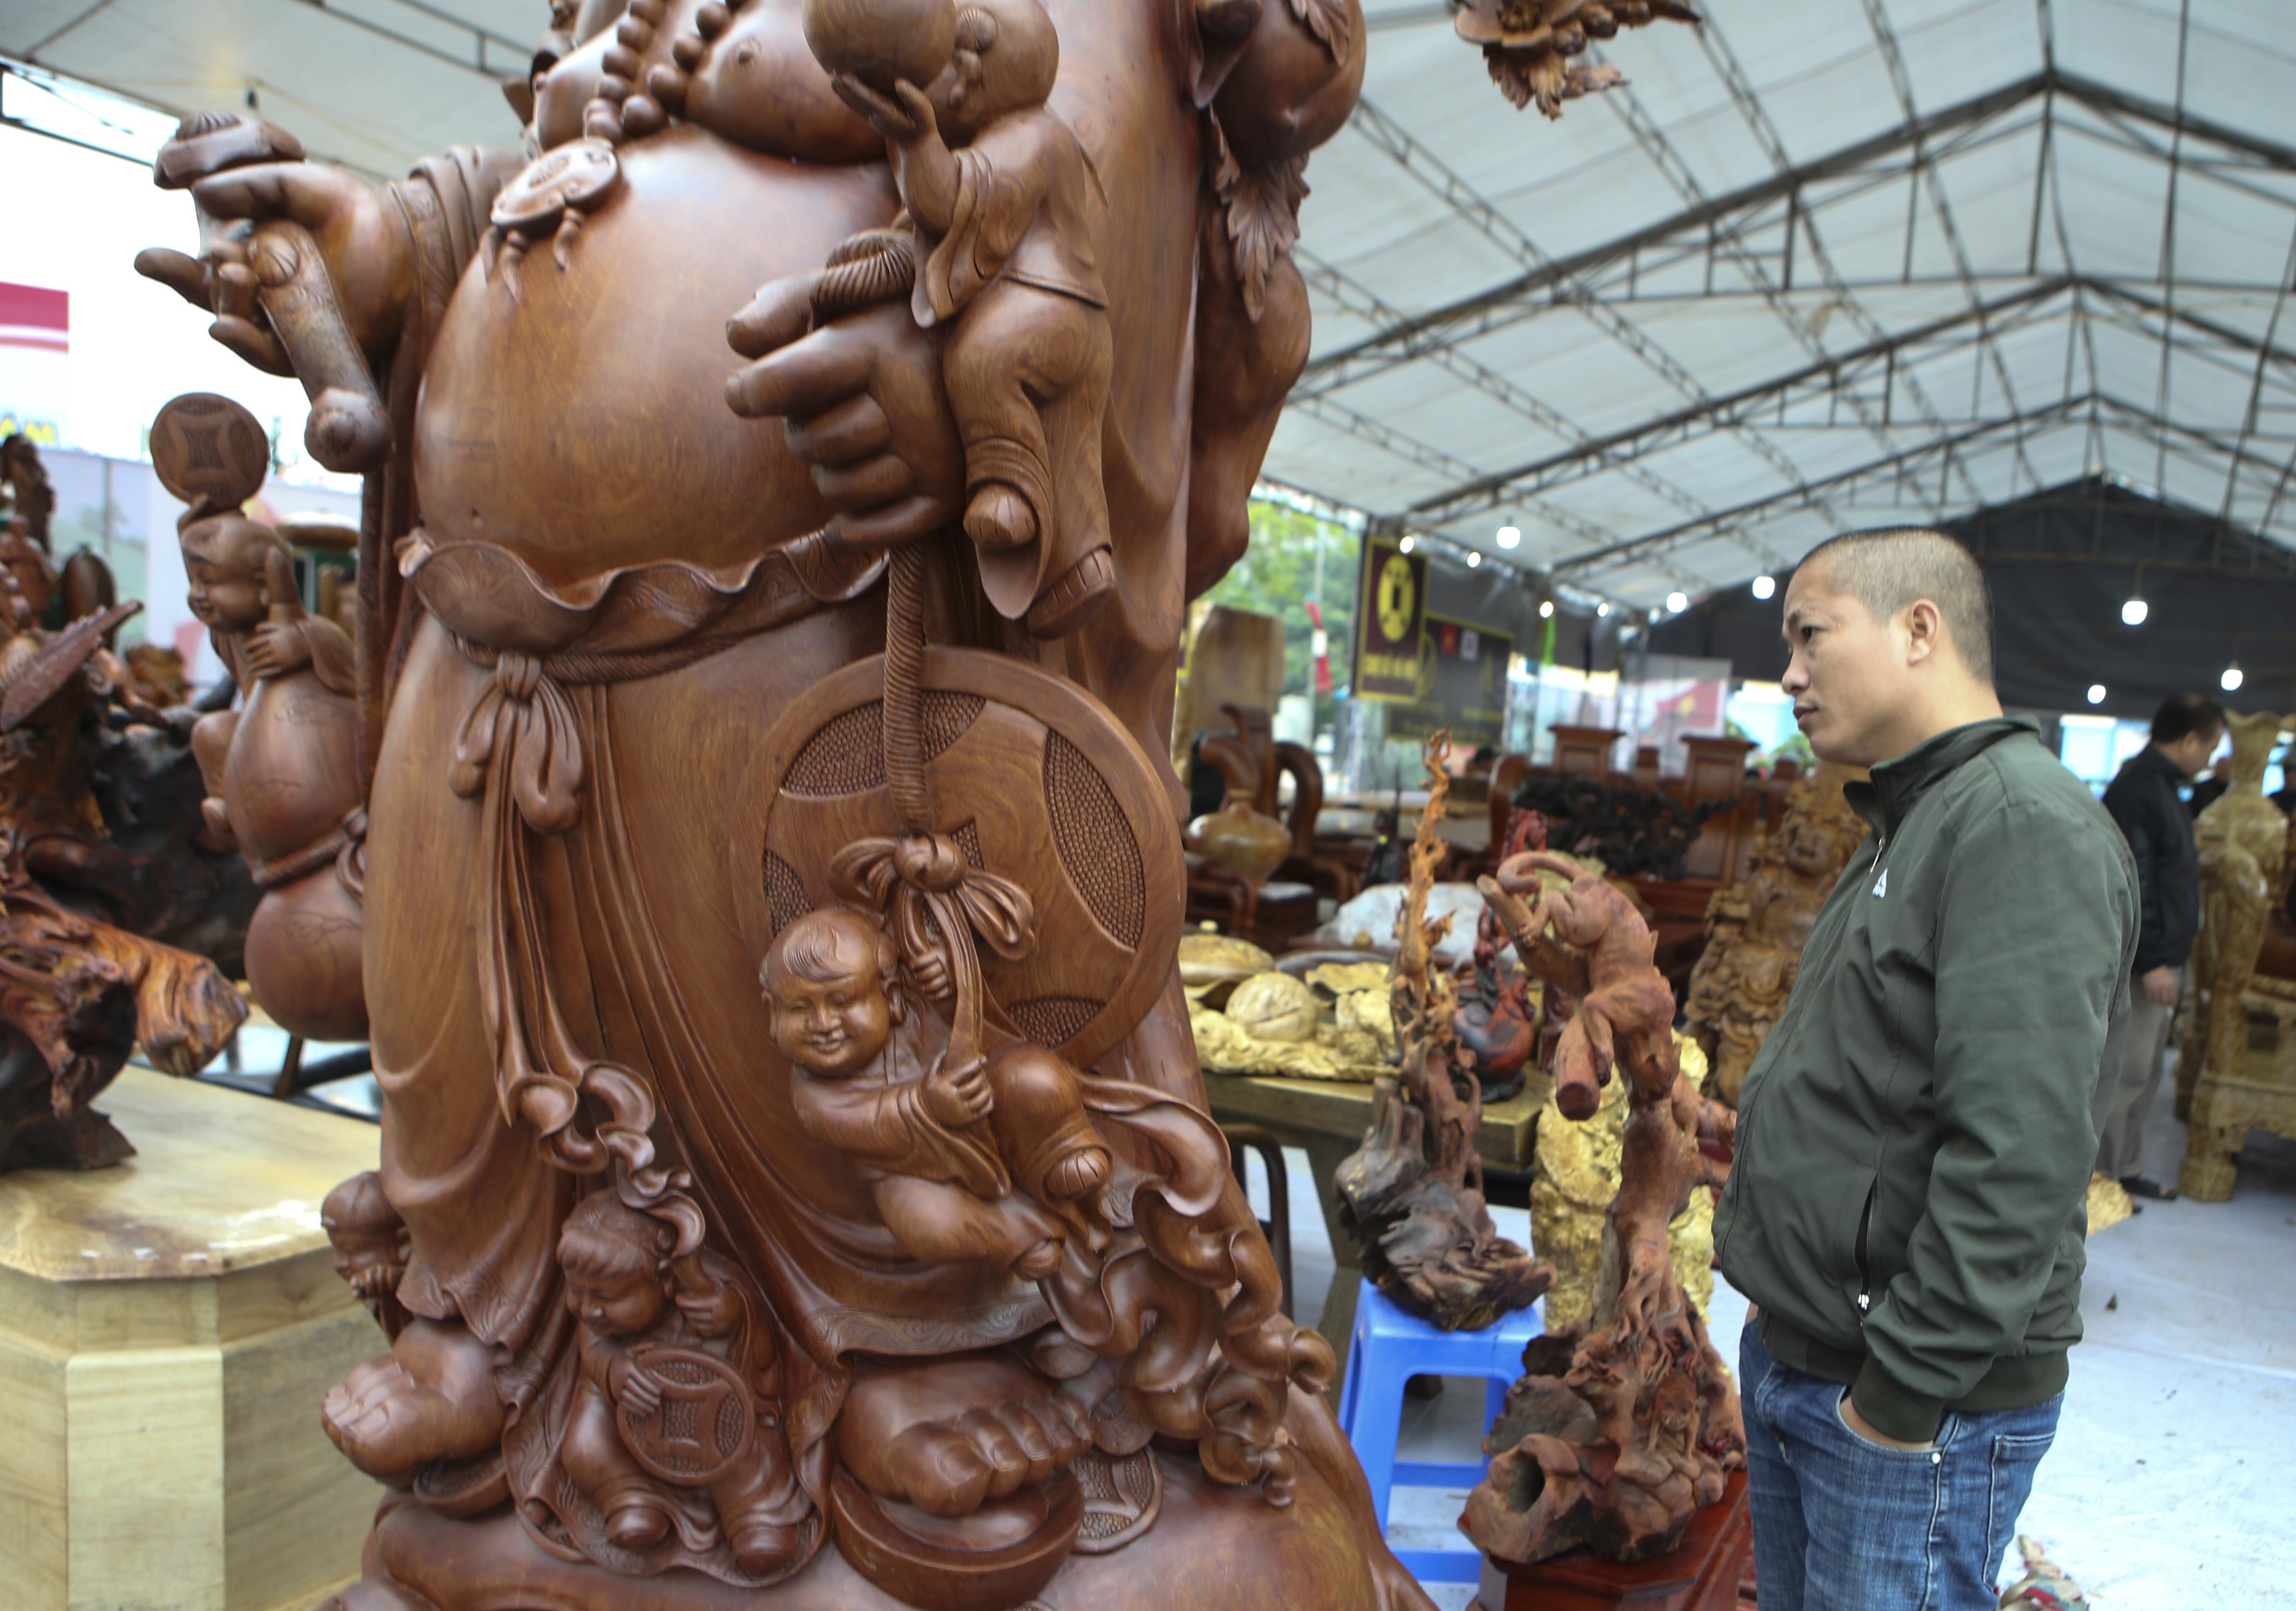 Choáng với bức tượng Phật Di Lặc Cửu tặc làm bằng gỗ hương giá 1 tỷ đồng - 3